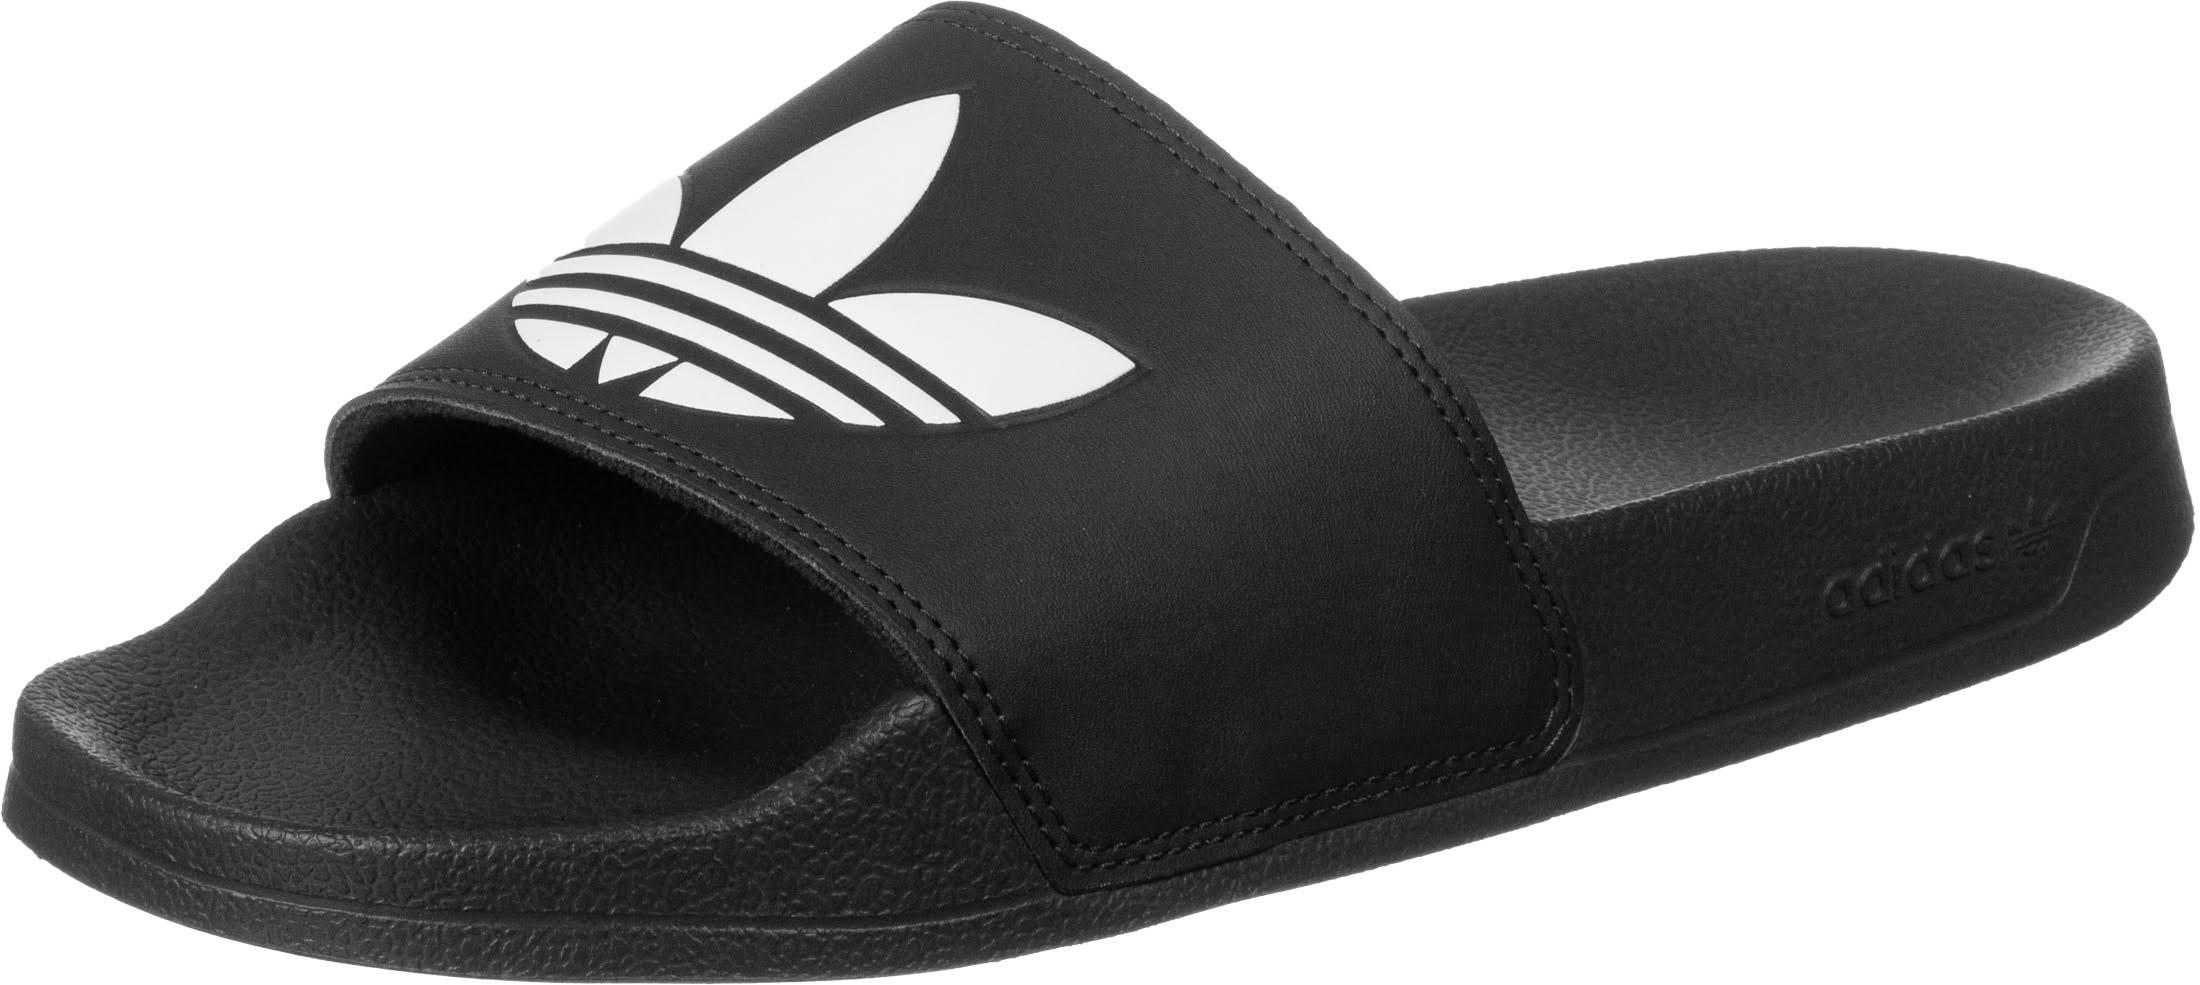 Adidas Adilette Lite Slides - Black